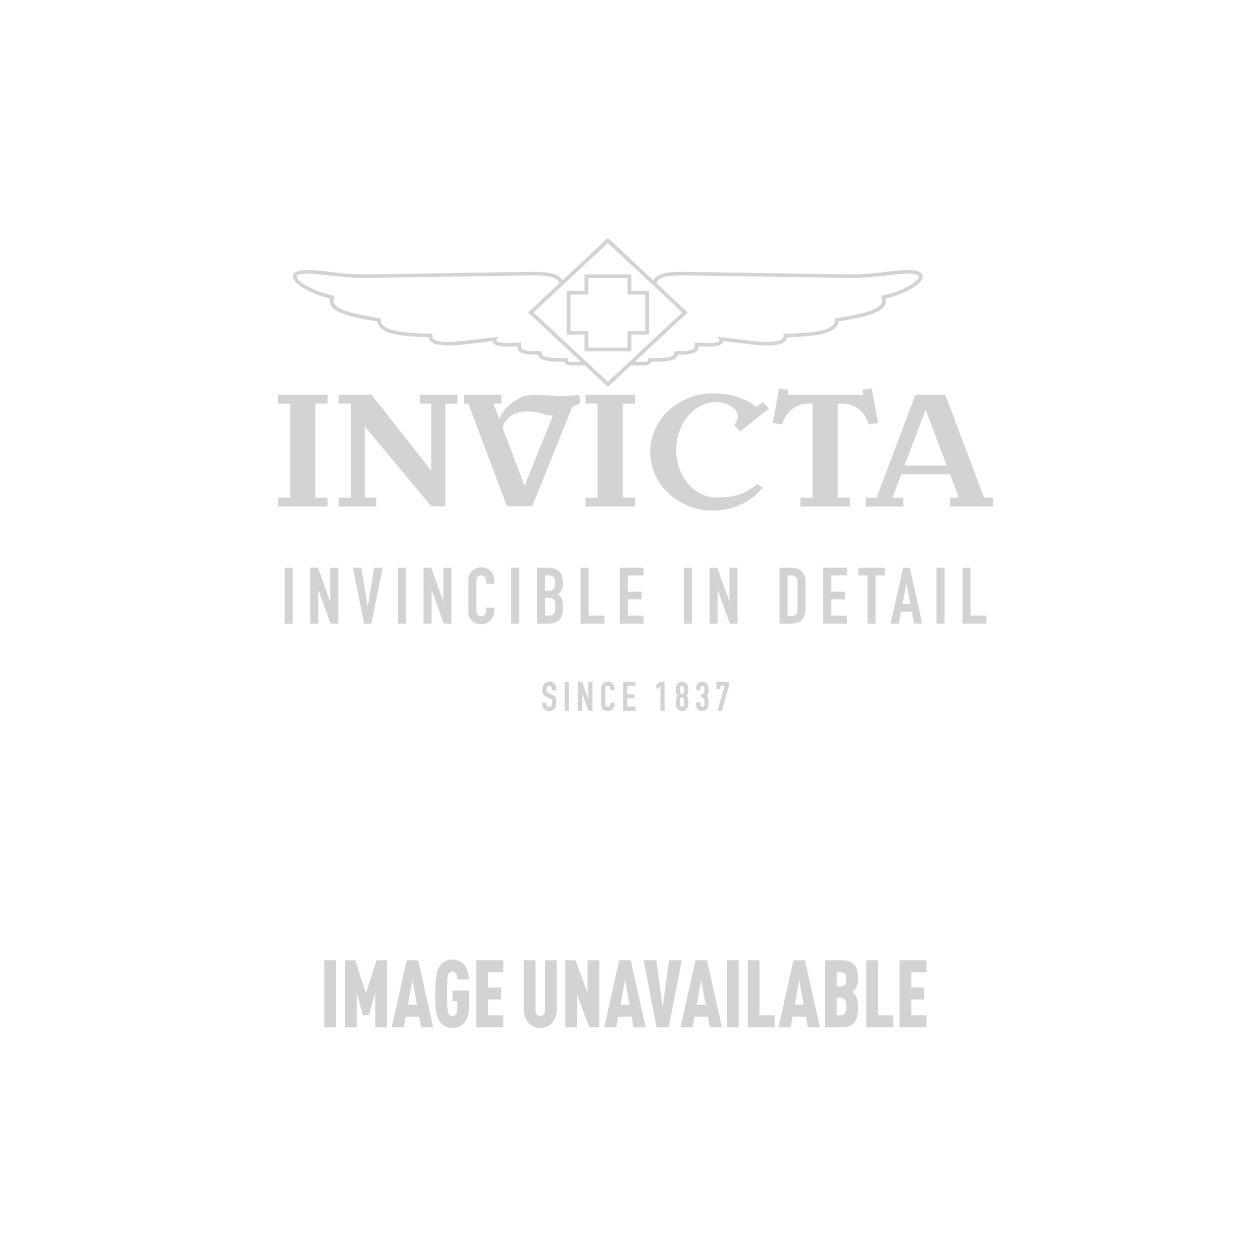 Invicta Model 29266